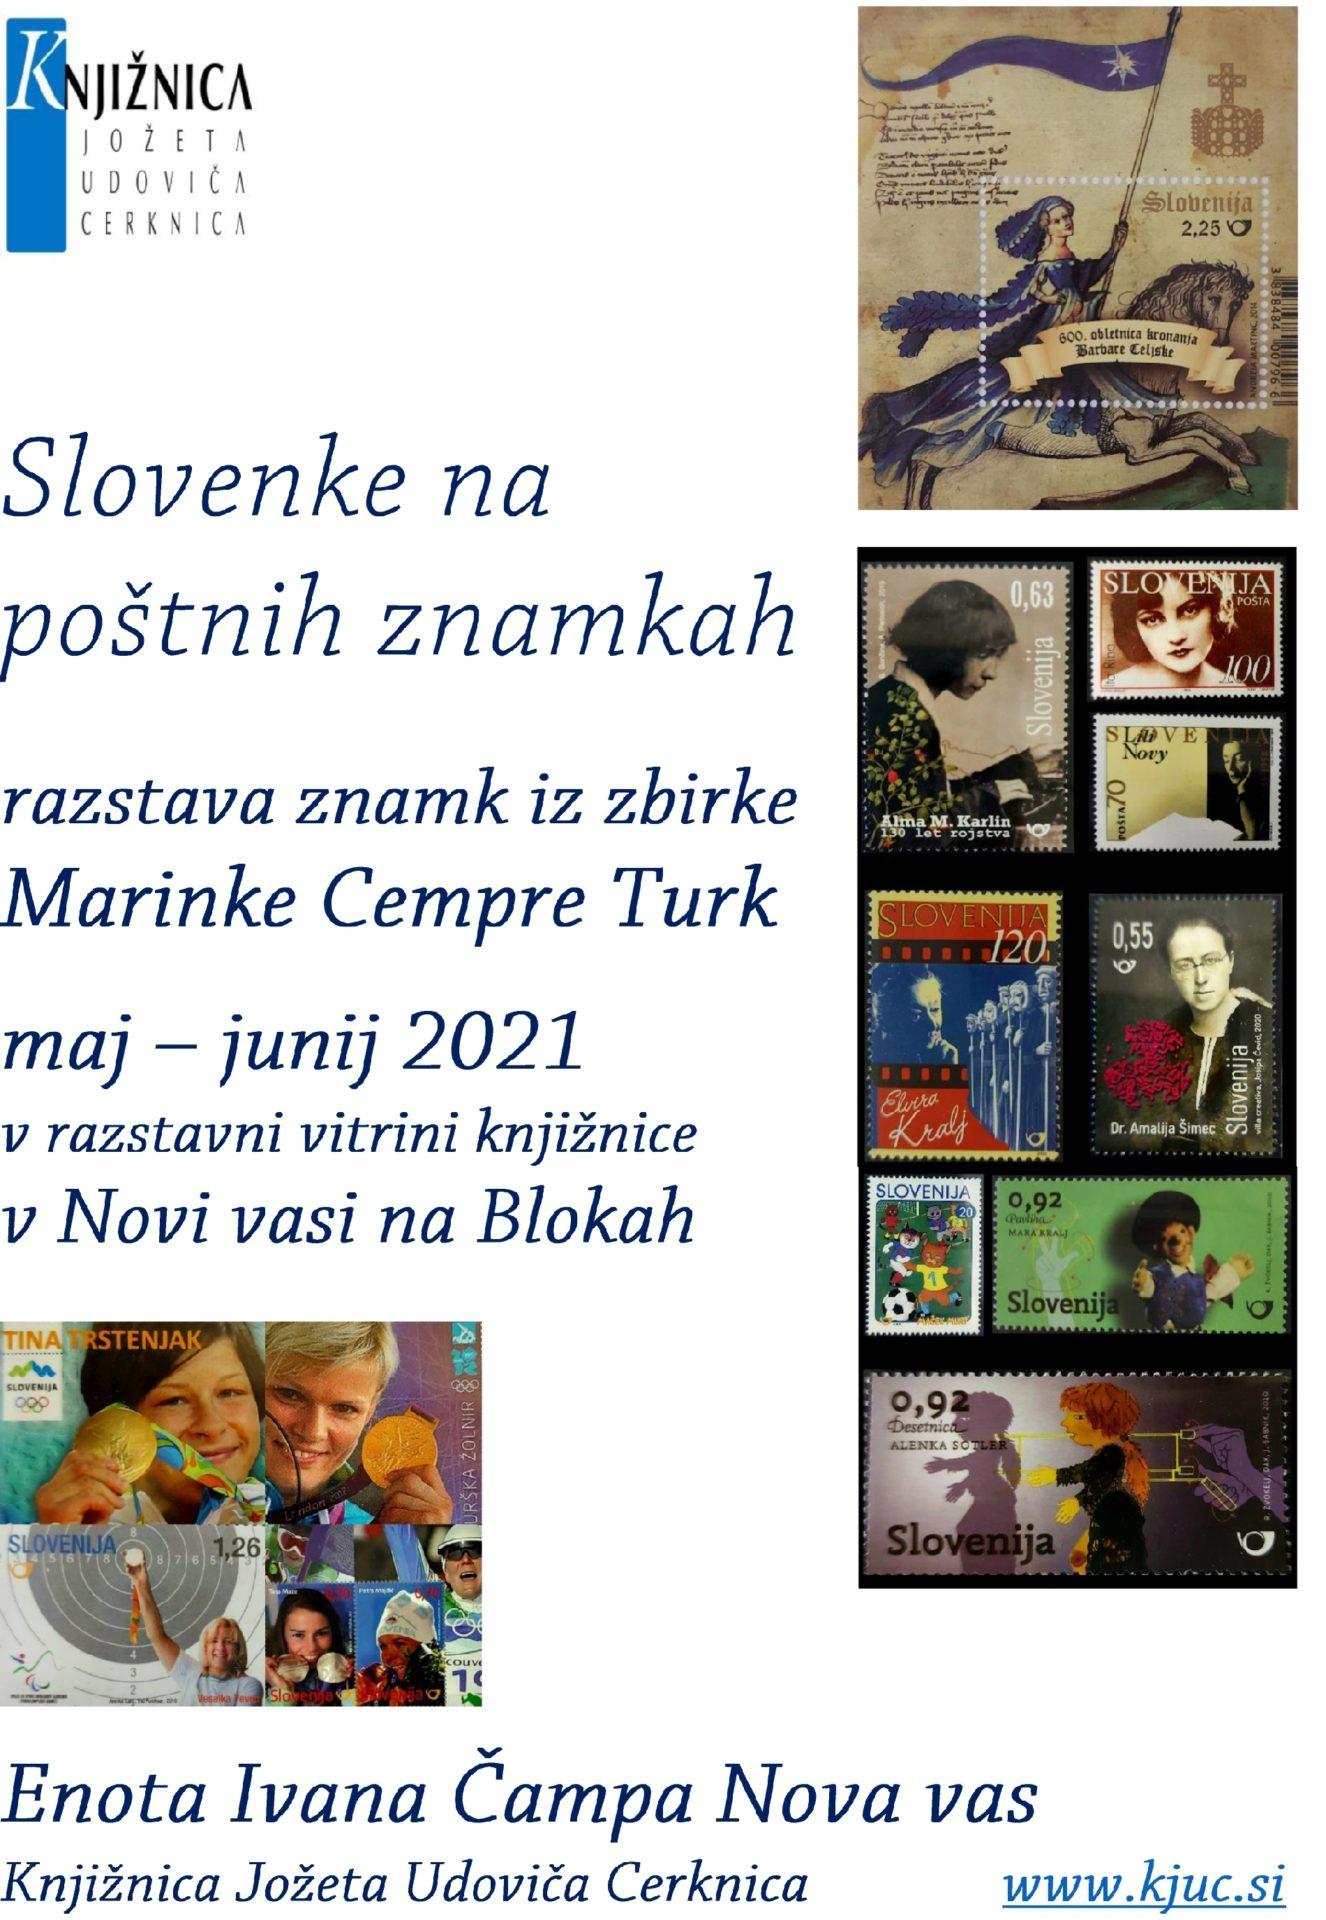 Vabilo MCR NV 2021 Slovenke www - Slovenke na poštnih znamkah - razstava znamk iz zbirke Marinke Cempre Turk